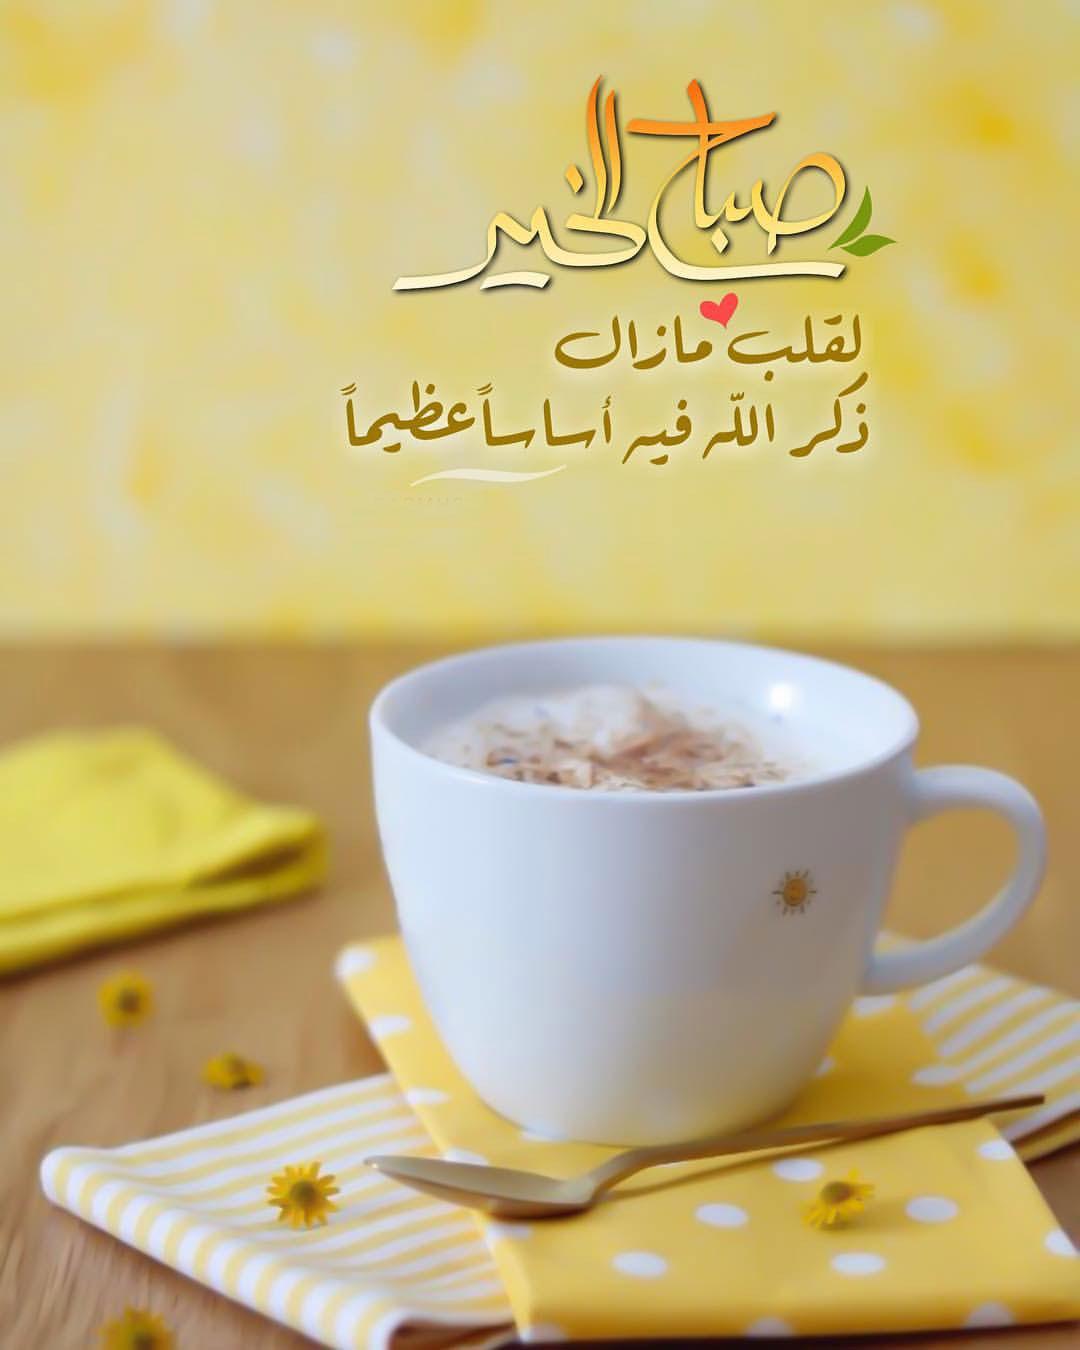 بالصور اجمل صور صباح الخير , صور صباحية رائعه لتهادوا بها  صباح الخير  4380